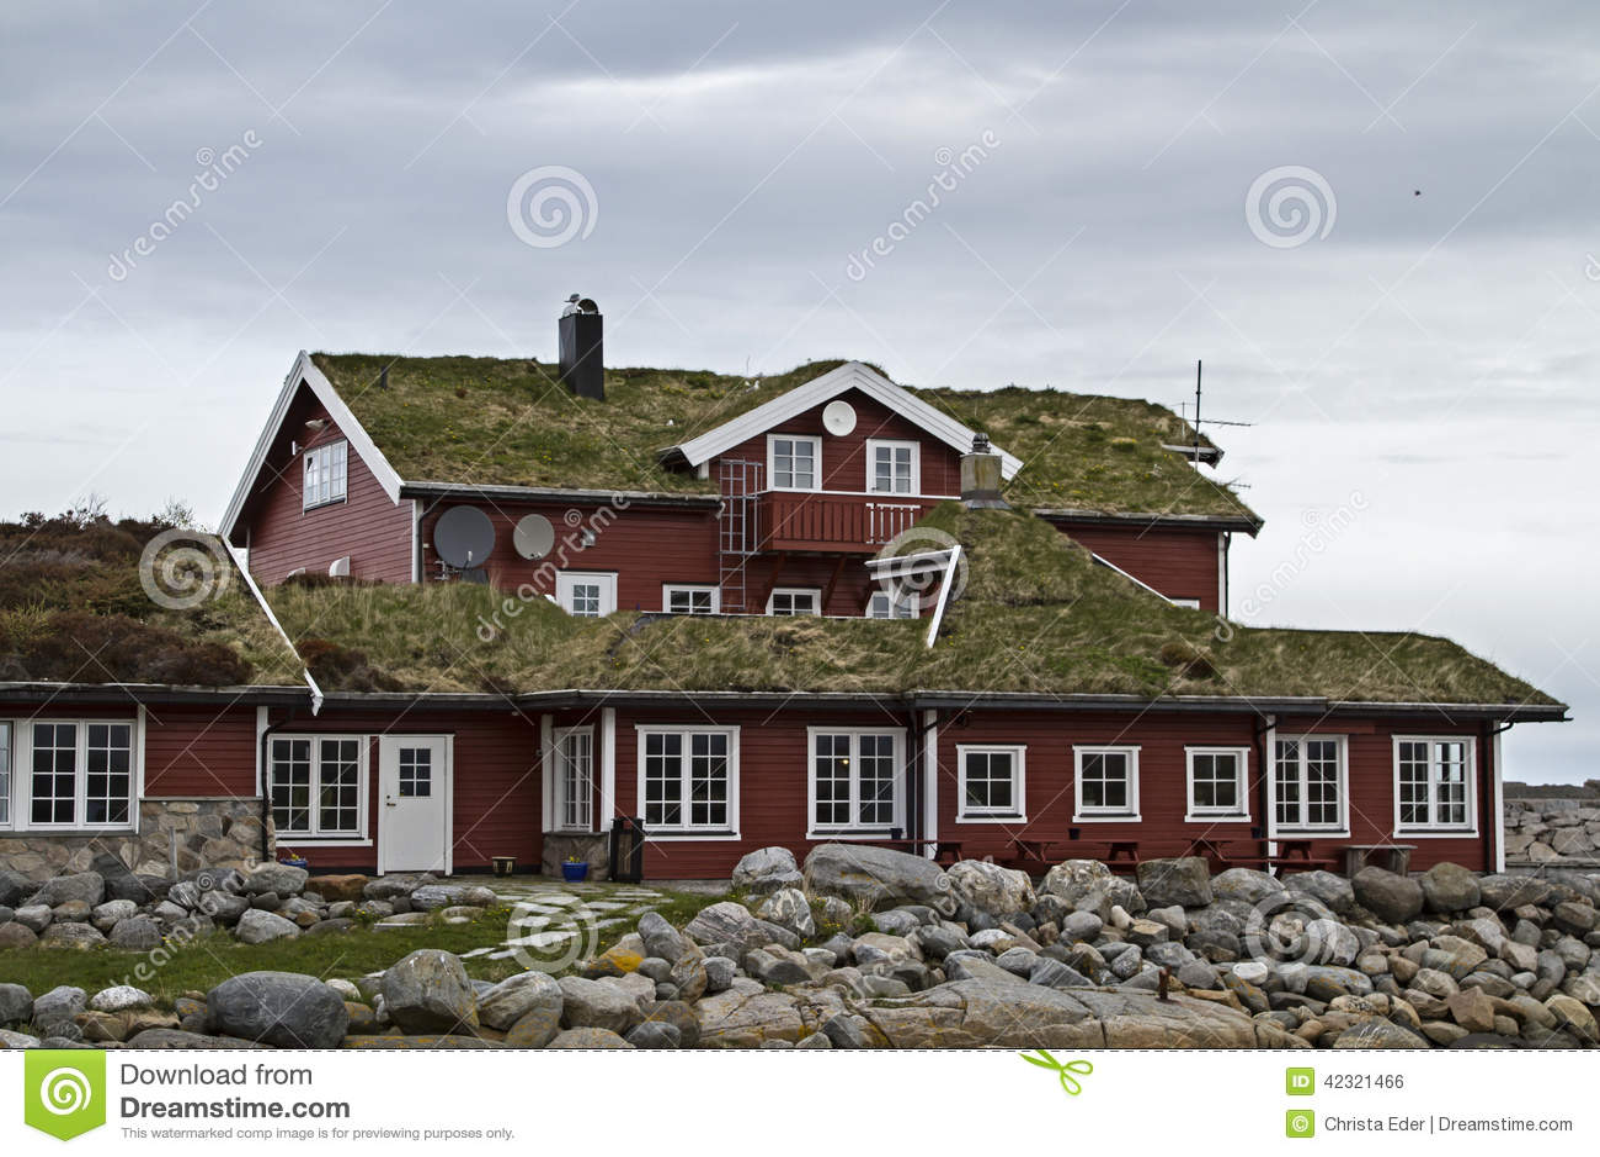 Norwegens Baustil stock photo. Image of houses, built - 42321466